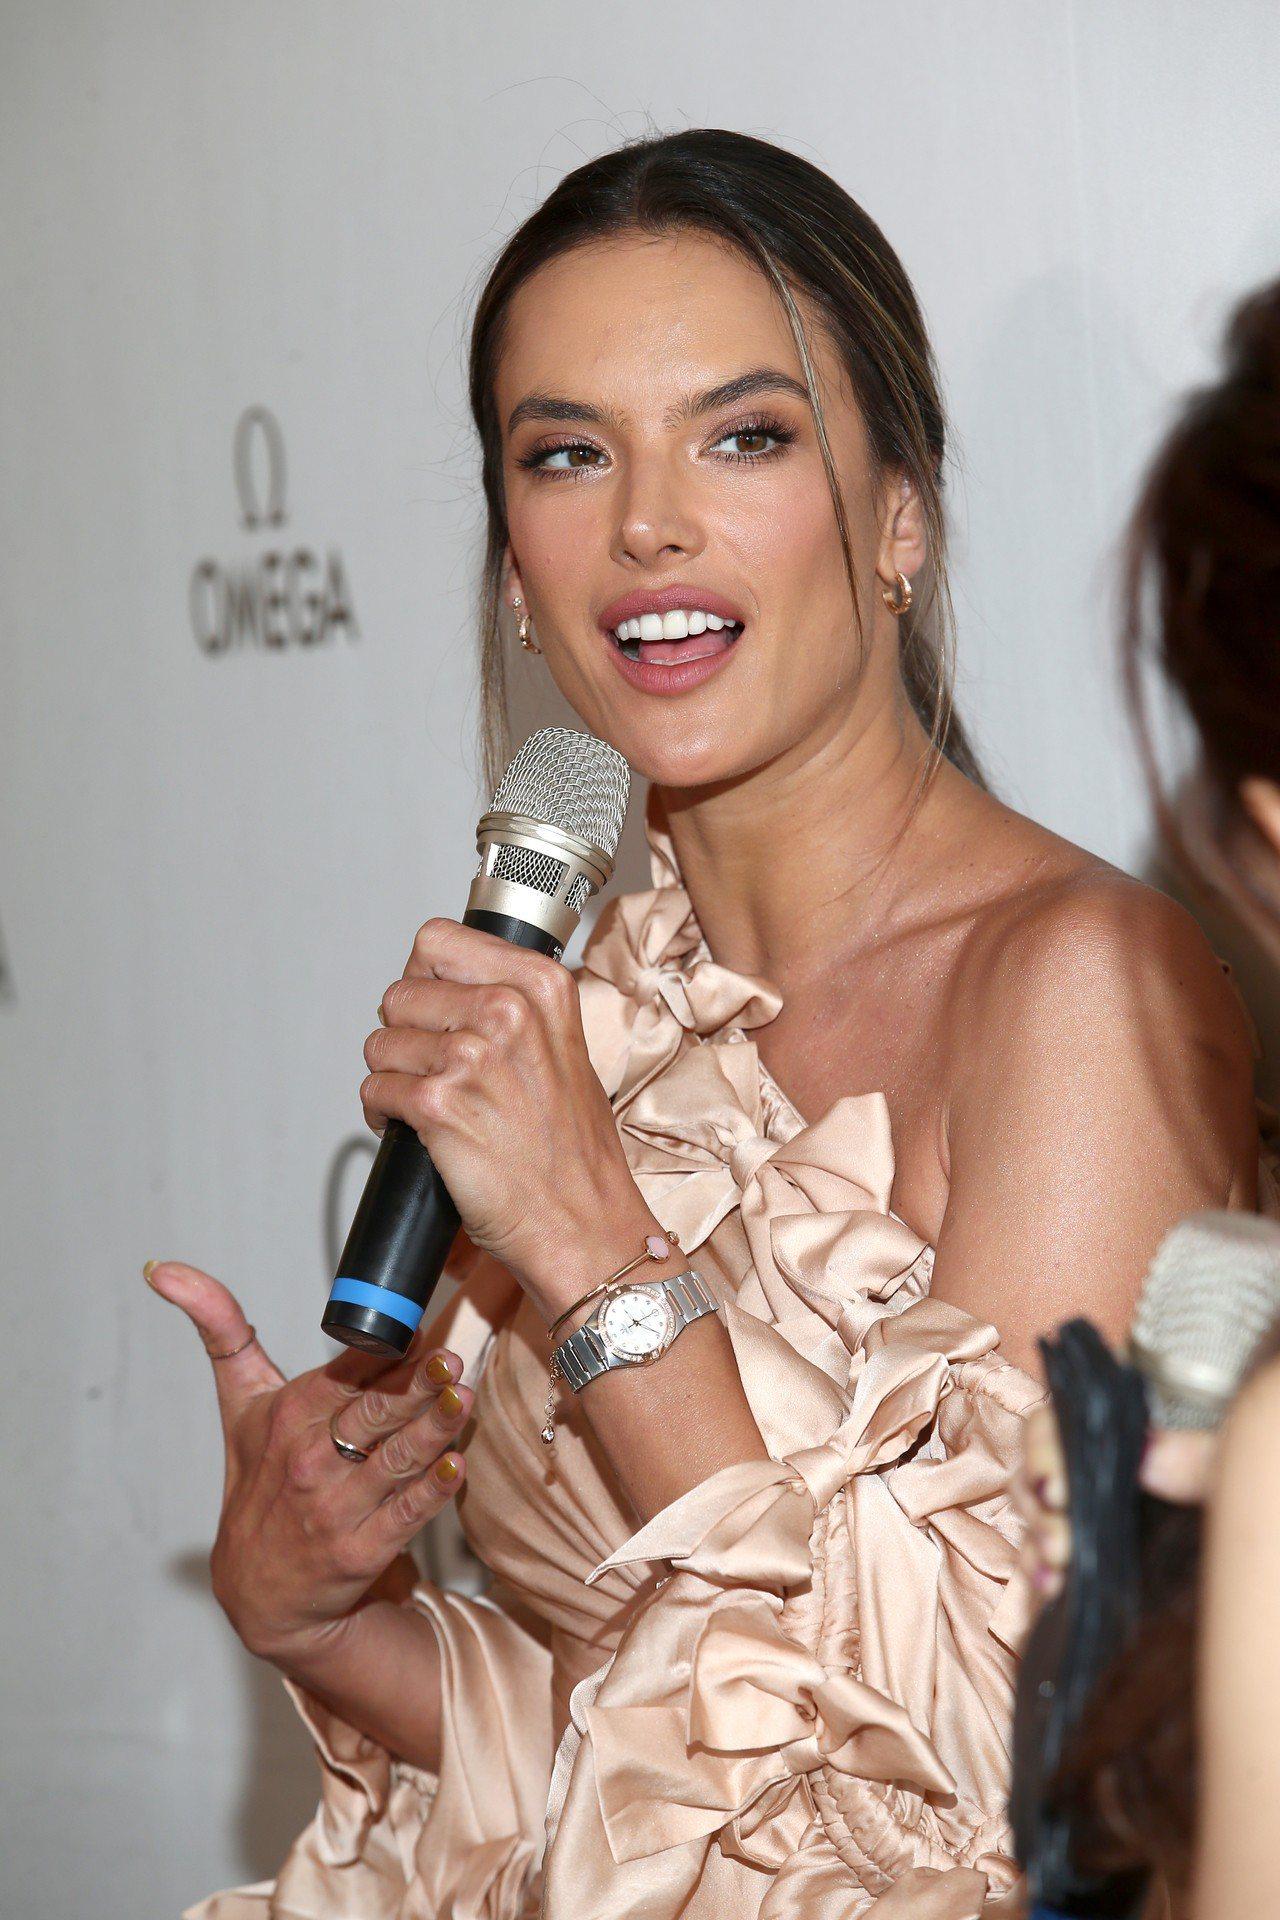 超模Alessandra Ambrosio昨天(4/24)受困機場一整晚,但今天...